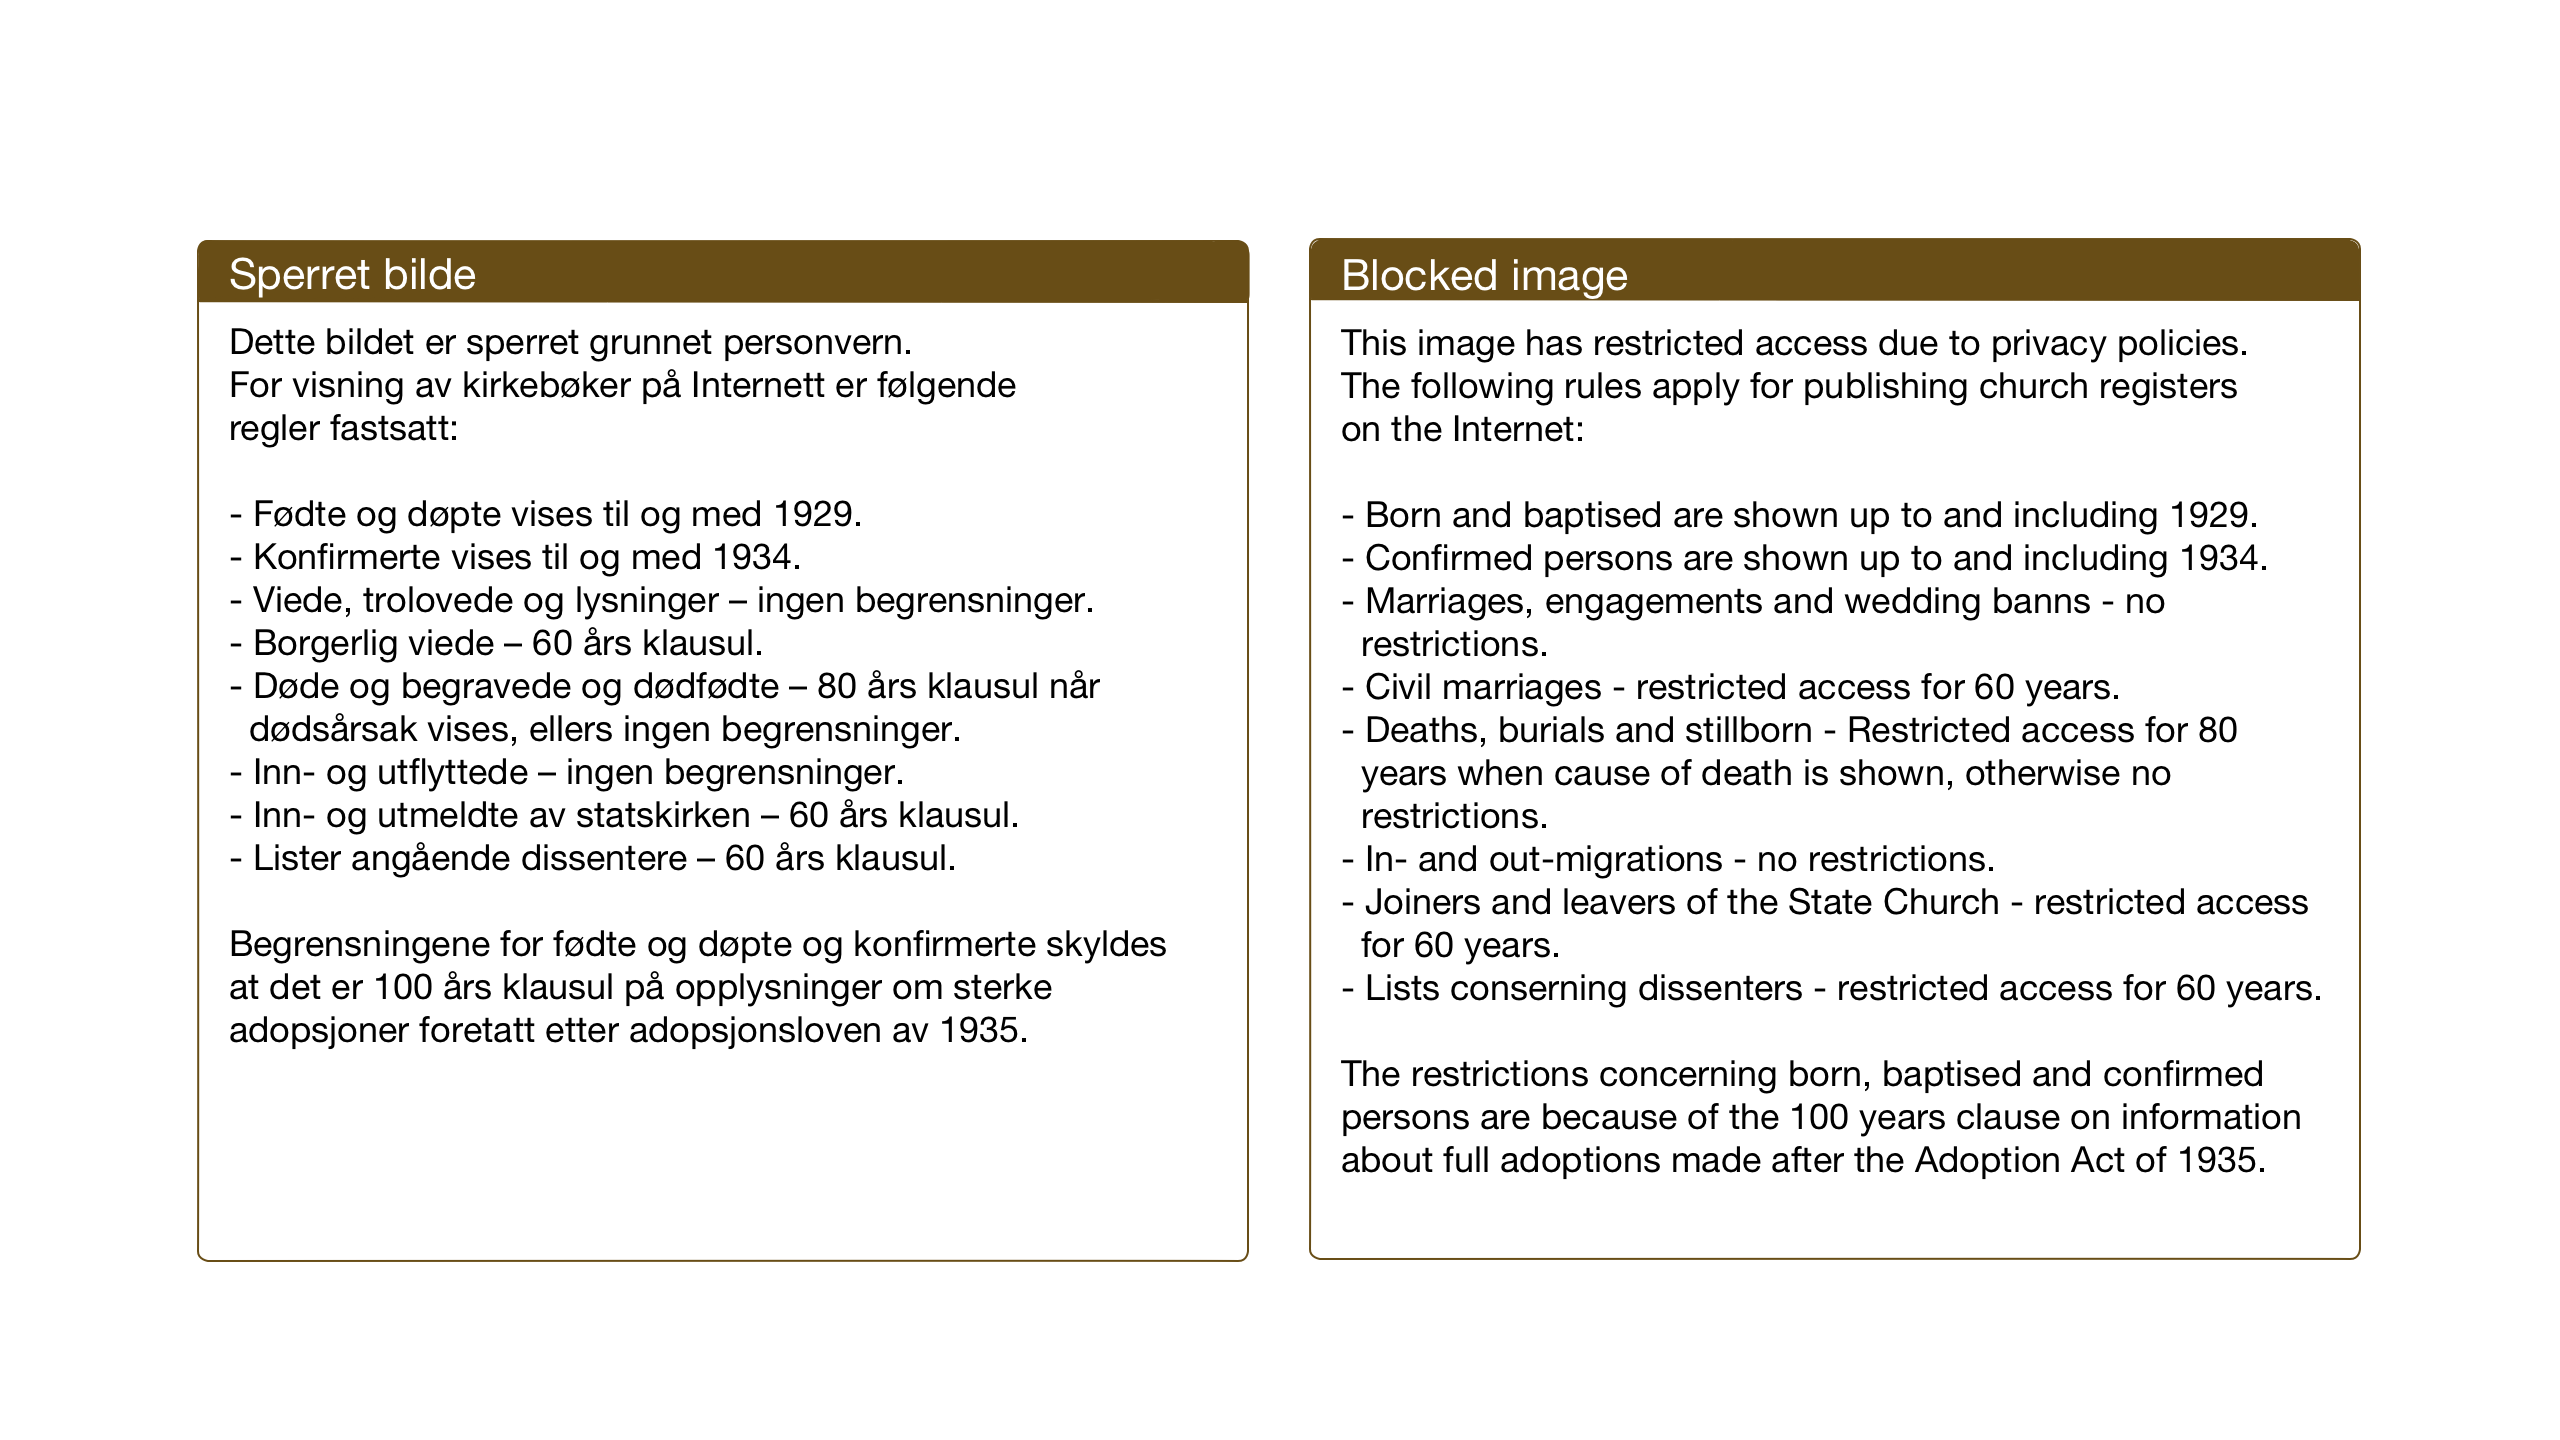 SAT, Ministerialprotokoller, klokkerbøker og fødselsregistre - Nord-Trøndelag, 770/L0592: Klokkerbok nr. 770C03, 1941-1950, s. 66